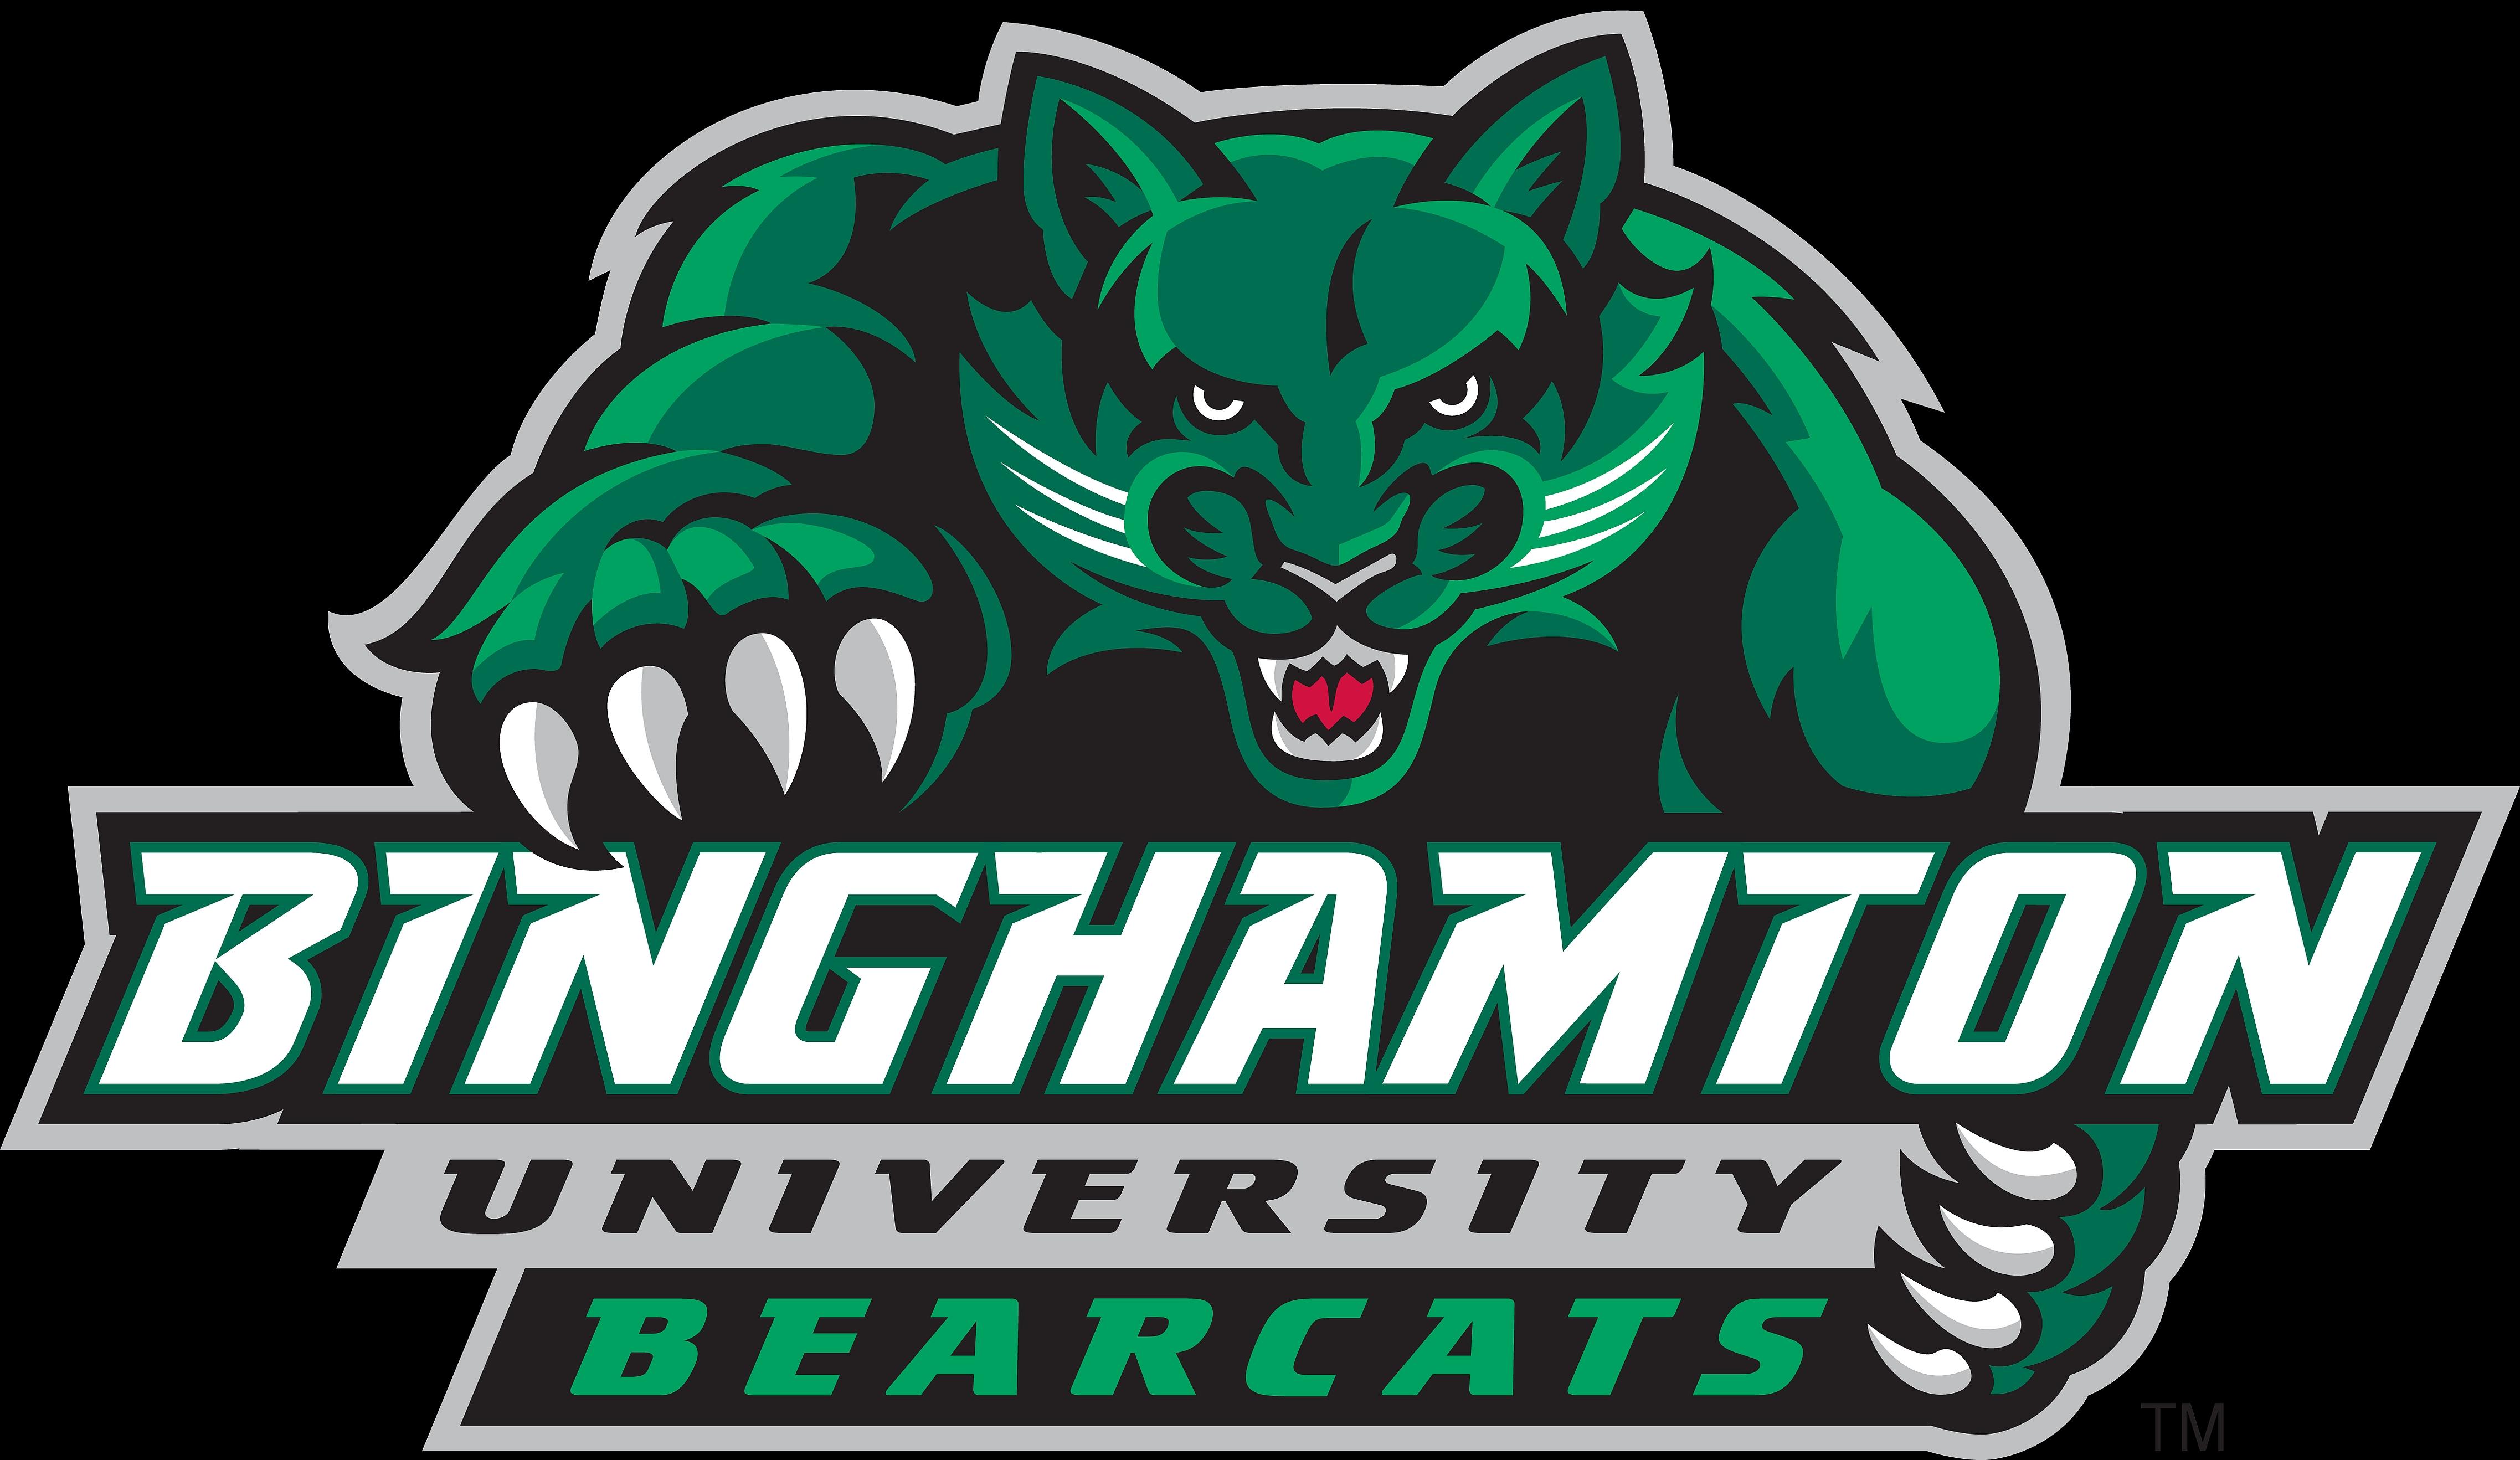 Seahawks Hd Wallpaper 1 Binghamton University Bearcats Hd Wallpapers